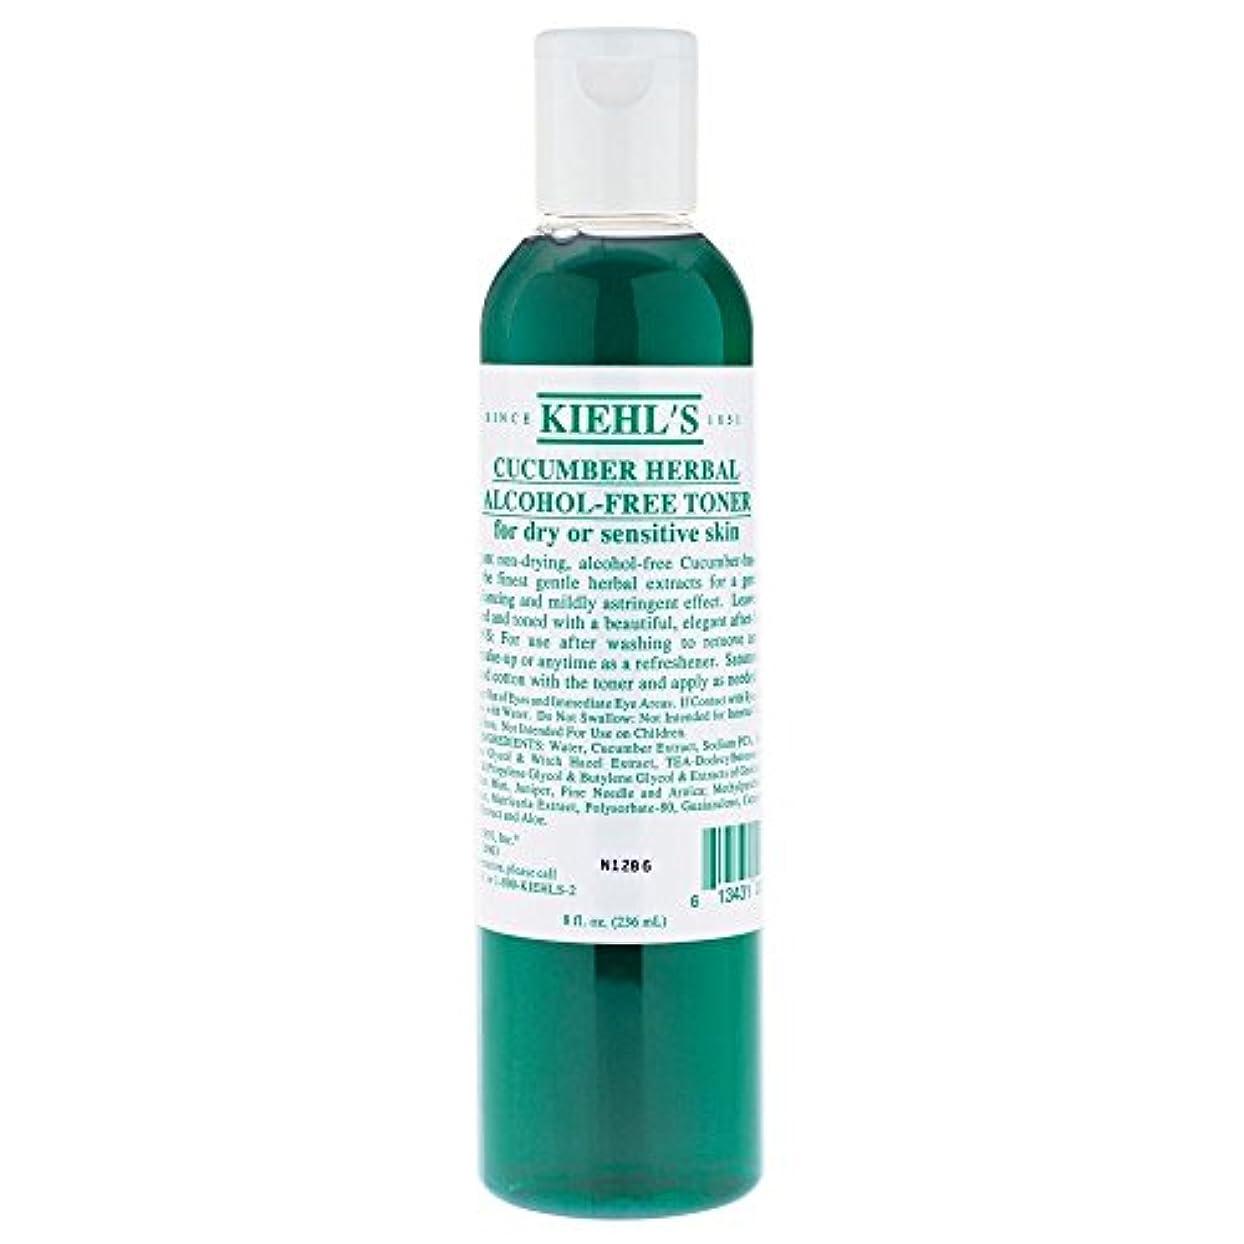 サージ結論滅多[Kiehl's] キールズキュウリのハーブアルコールフリートナー、250ミリリットル - Kiehl's Cucumber Herbal Alcohol-Free Toner, 250ml [並行輸入品]